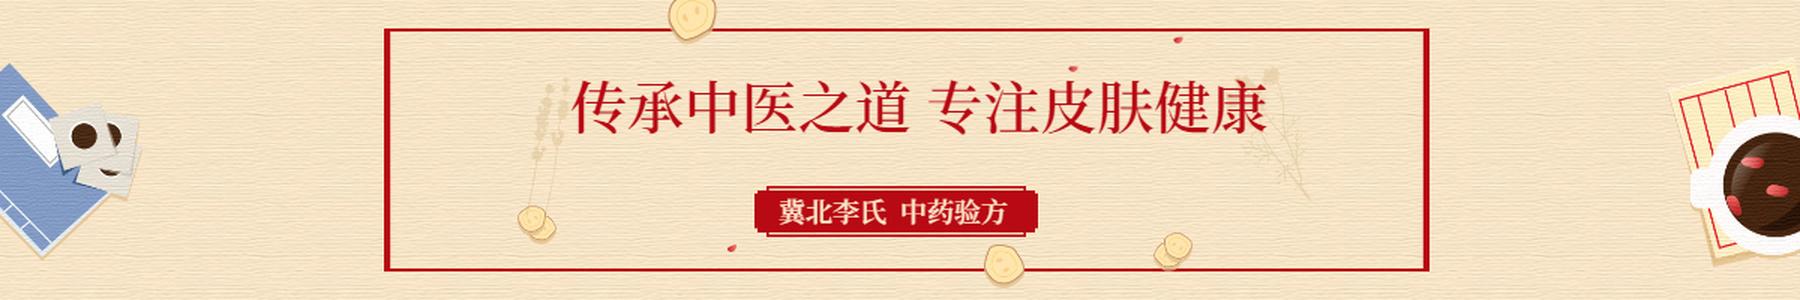 冀北李氏祛痘祛疣膏,中药验方治疗痤疮、痘痘、粉刺、痘印,寻常疣、跖疣、甲周疣、刺猴、